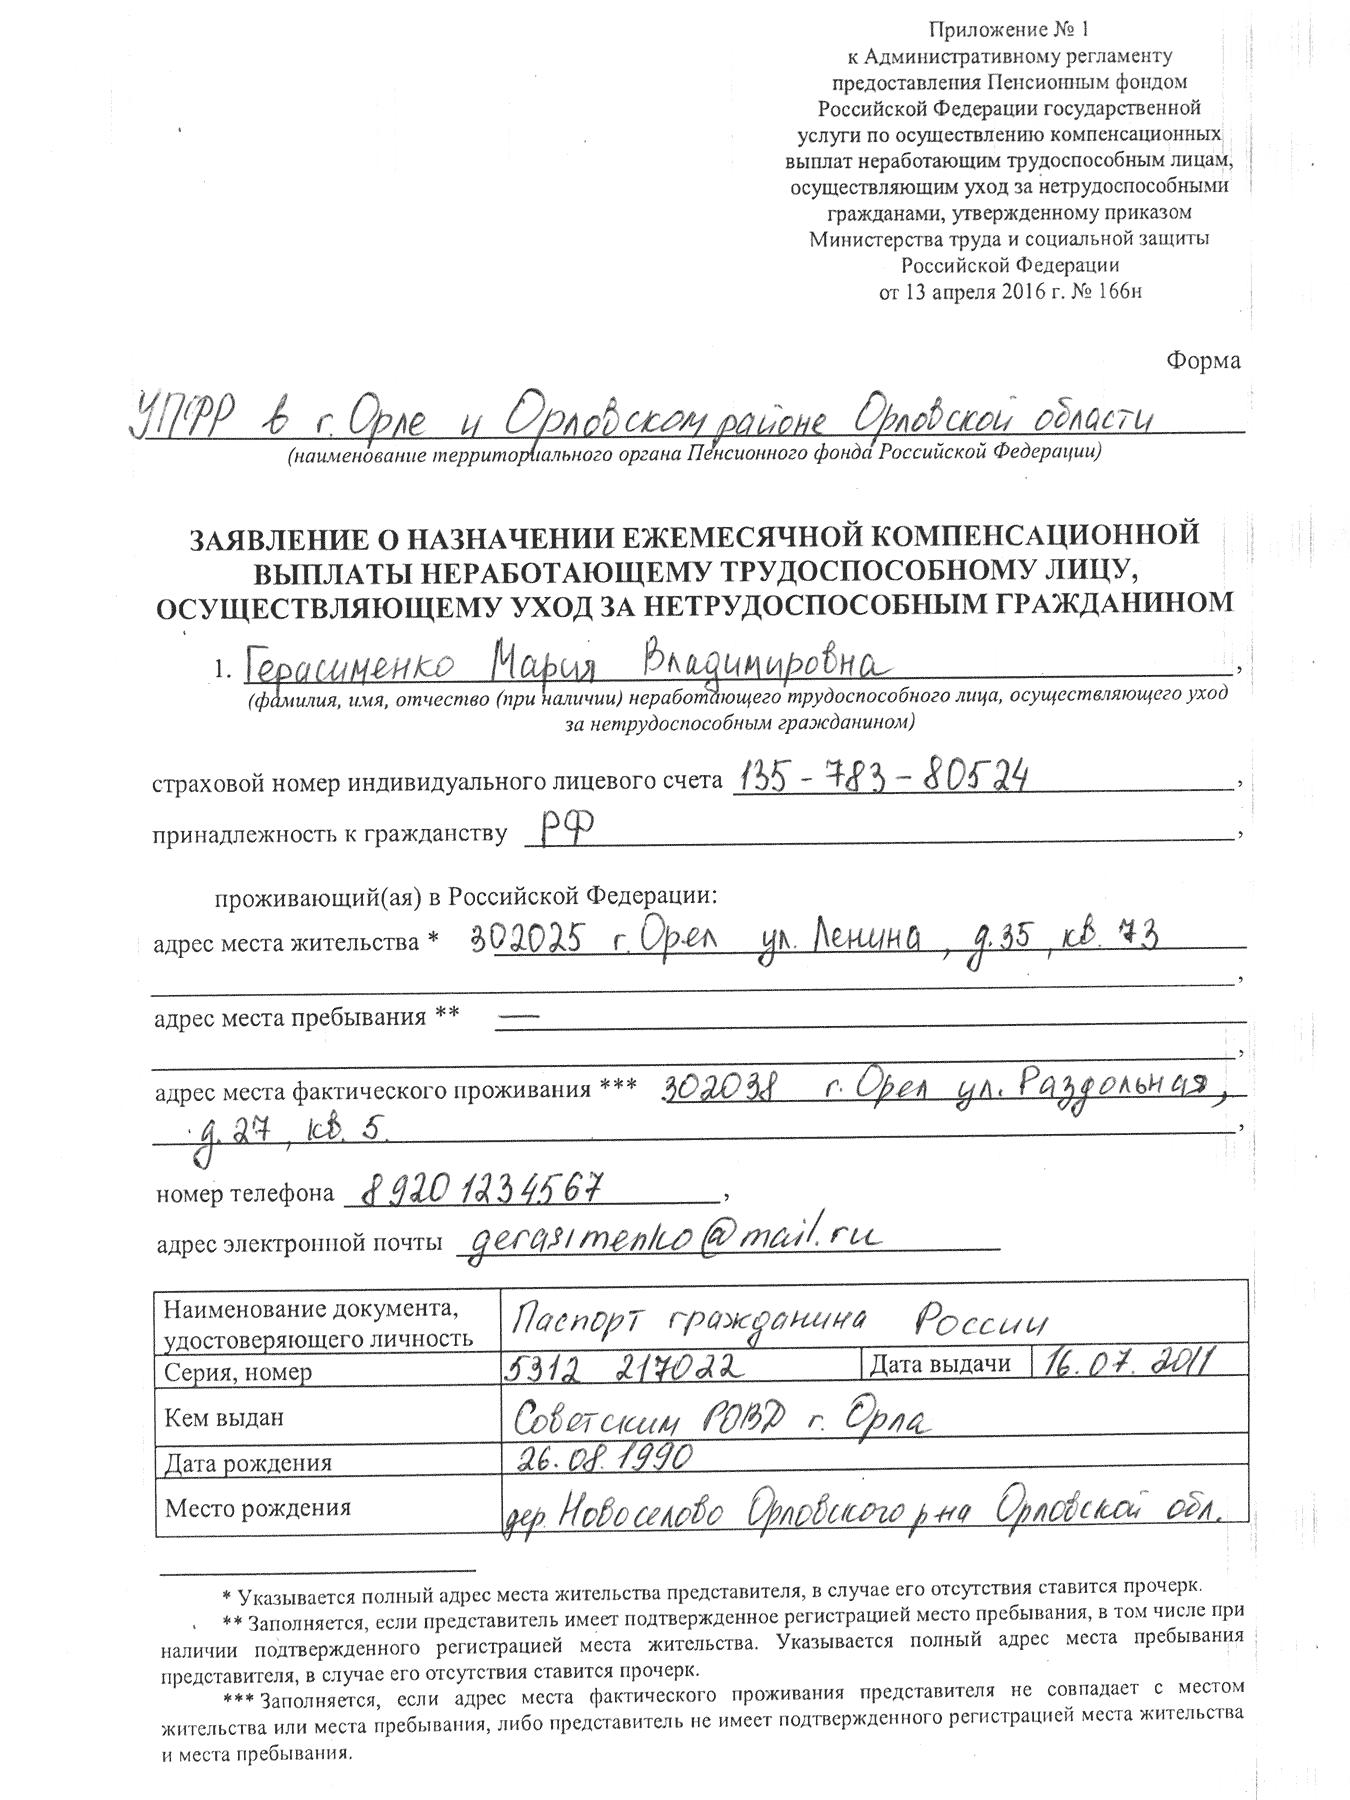 Заявления для назначения выплаты по уходу за нетрудоспособным гражданином